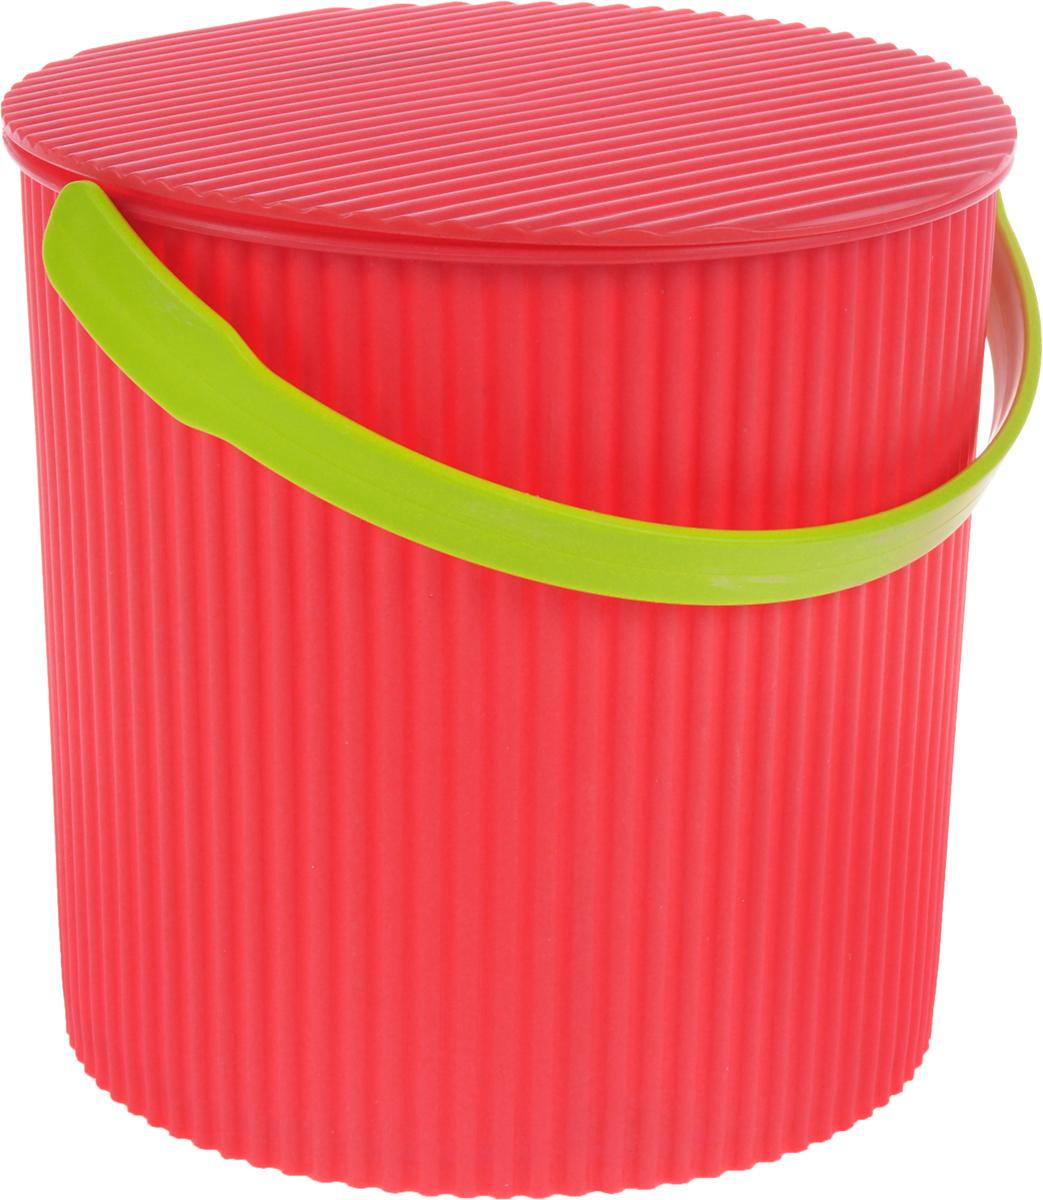 Ведро-стул Изумруд Bambini, цвет: коралловый, бежевый, 10 лOLIVIERA 75012-5C CHROMEВедро-стул Изумруд Bambini выполнено из прочного пластика. Изделие может быть использовано, как стул где-нибудь на природе, как ведро для дома, для рыбалки, для похода. Имеет множество ребер жесткости, которые обеспечивают ему дополнительную прочность.Интересный дизайн впишется в любой интерьер дома, офиса, дачи и сделает его более оригинальным.Диаметр (по верхнему краю): 26 см.Высота: 26 см. Уважаемые клиенты! Обращаем ваше внимание на цвет ручек изделия: товар поставляется в цветовом ассортименте. Поставка осуществляется в зависимости от наличия на складе.